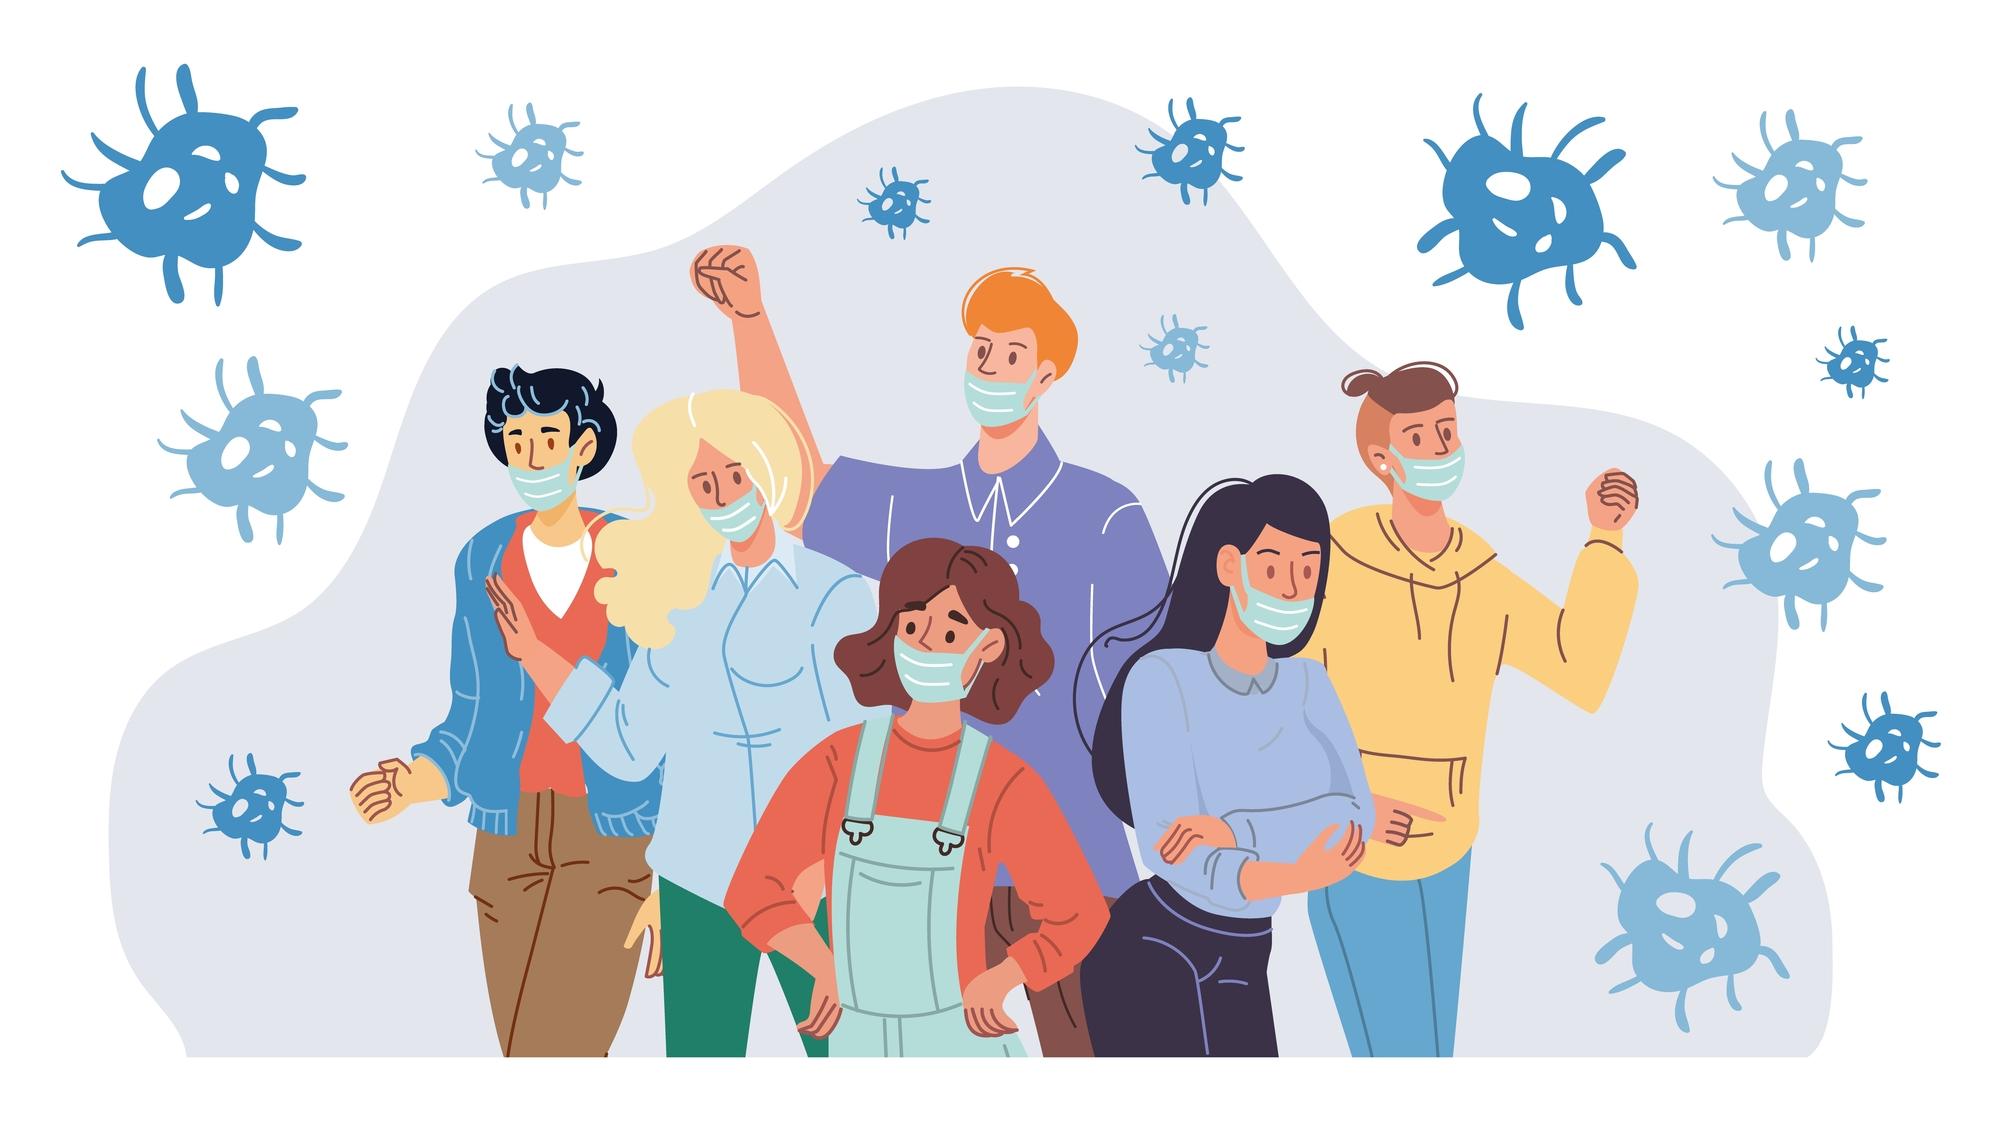 Сезон гриппа и«простуд» после отмены коронавирусных ограничений может оказаться более тяжёлым, чем обычно.